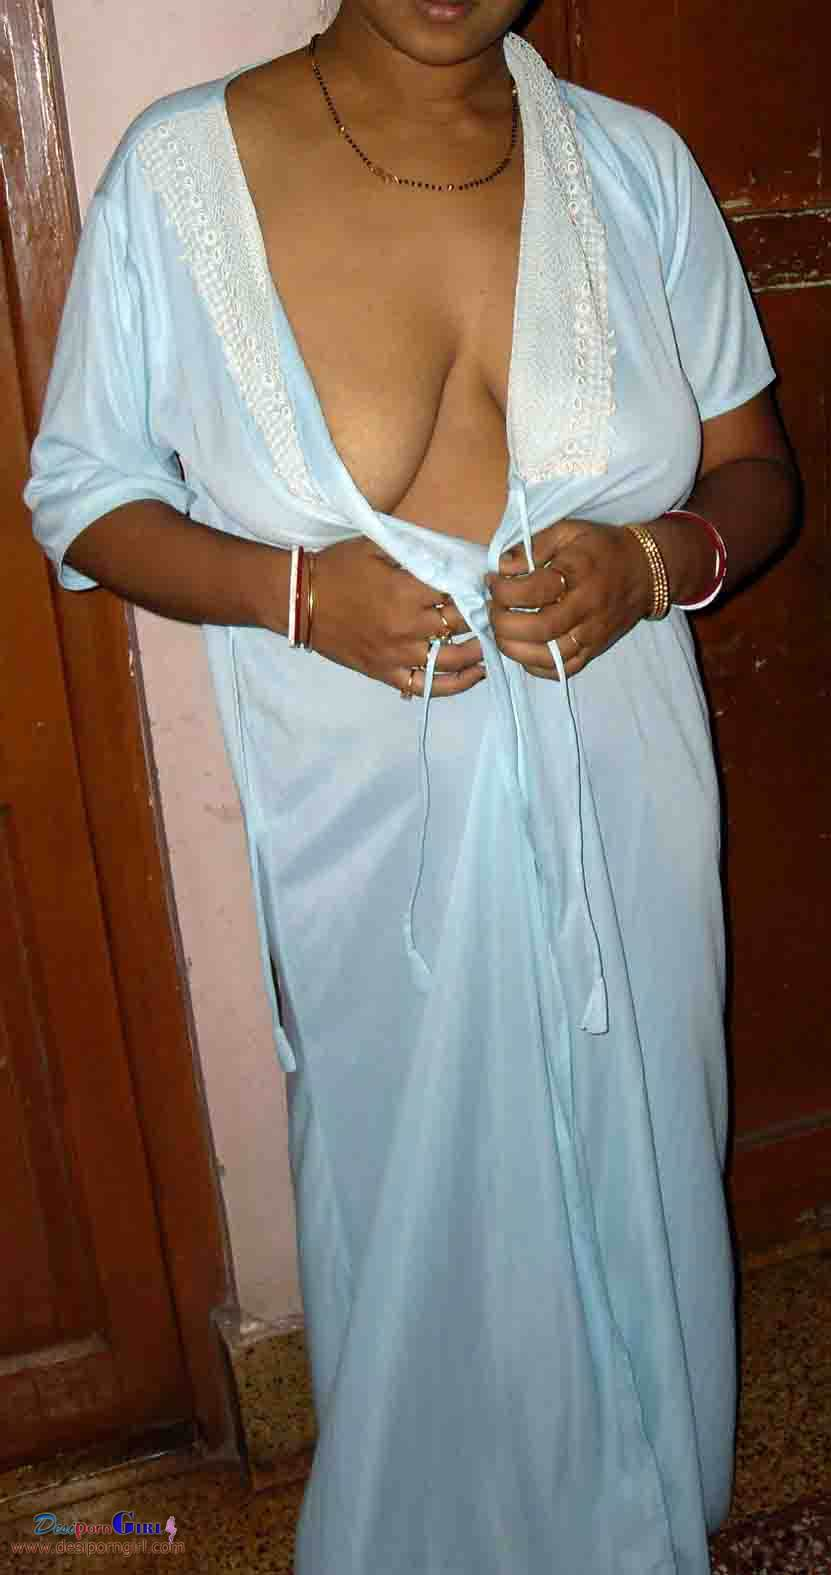 Free Pakistani Naked Mature Tubes And Hot Pakistani Mature